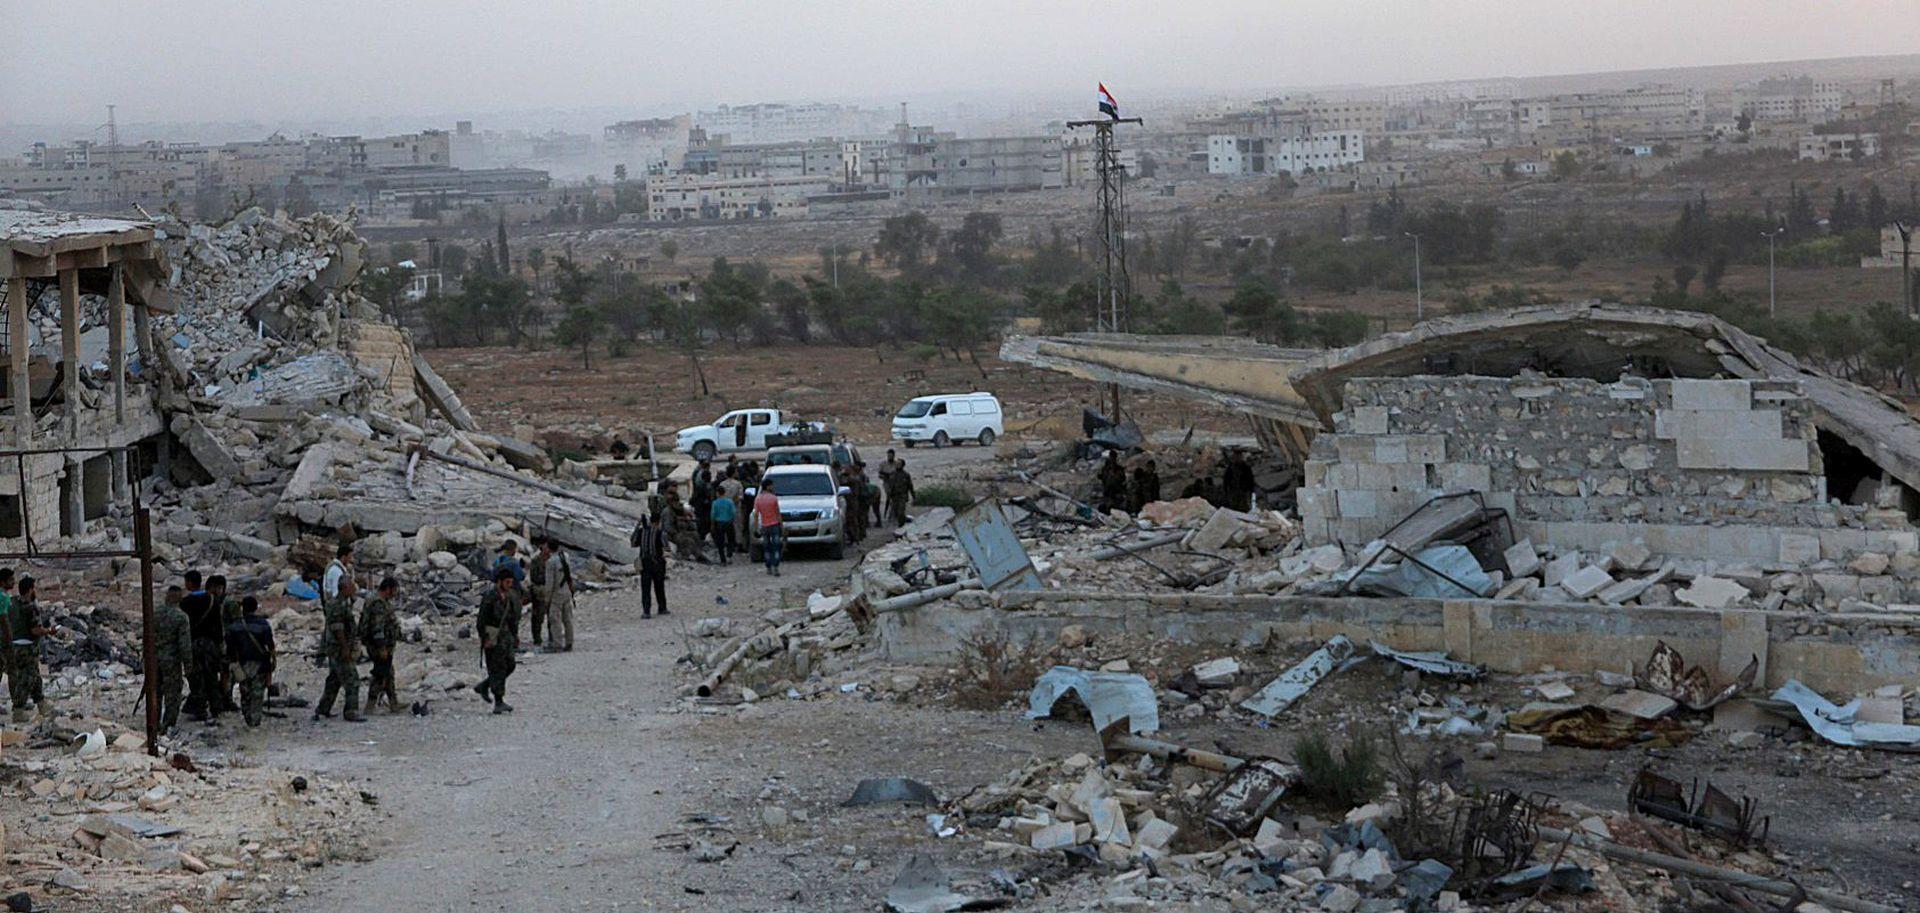 ZRAČNI UDARI: Turska izvela napade na kurdske skupine u Siriji